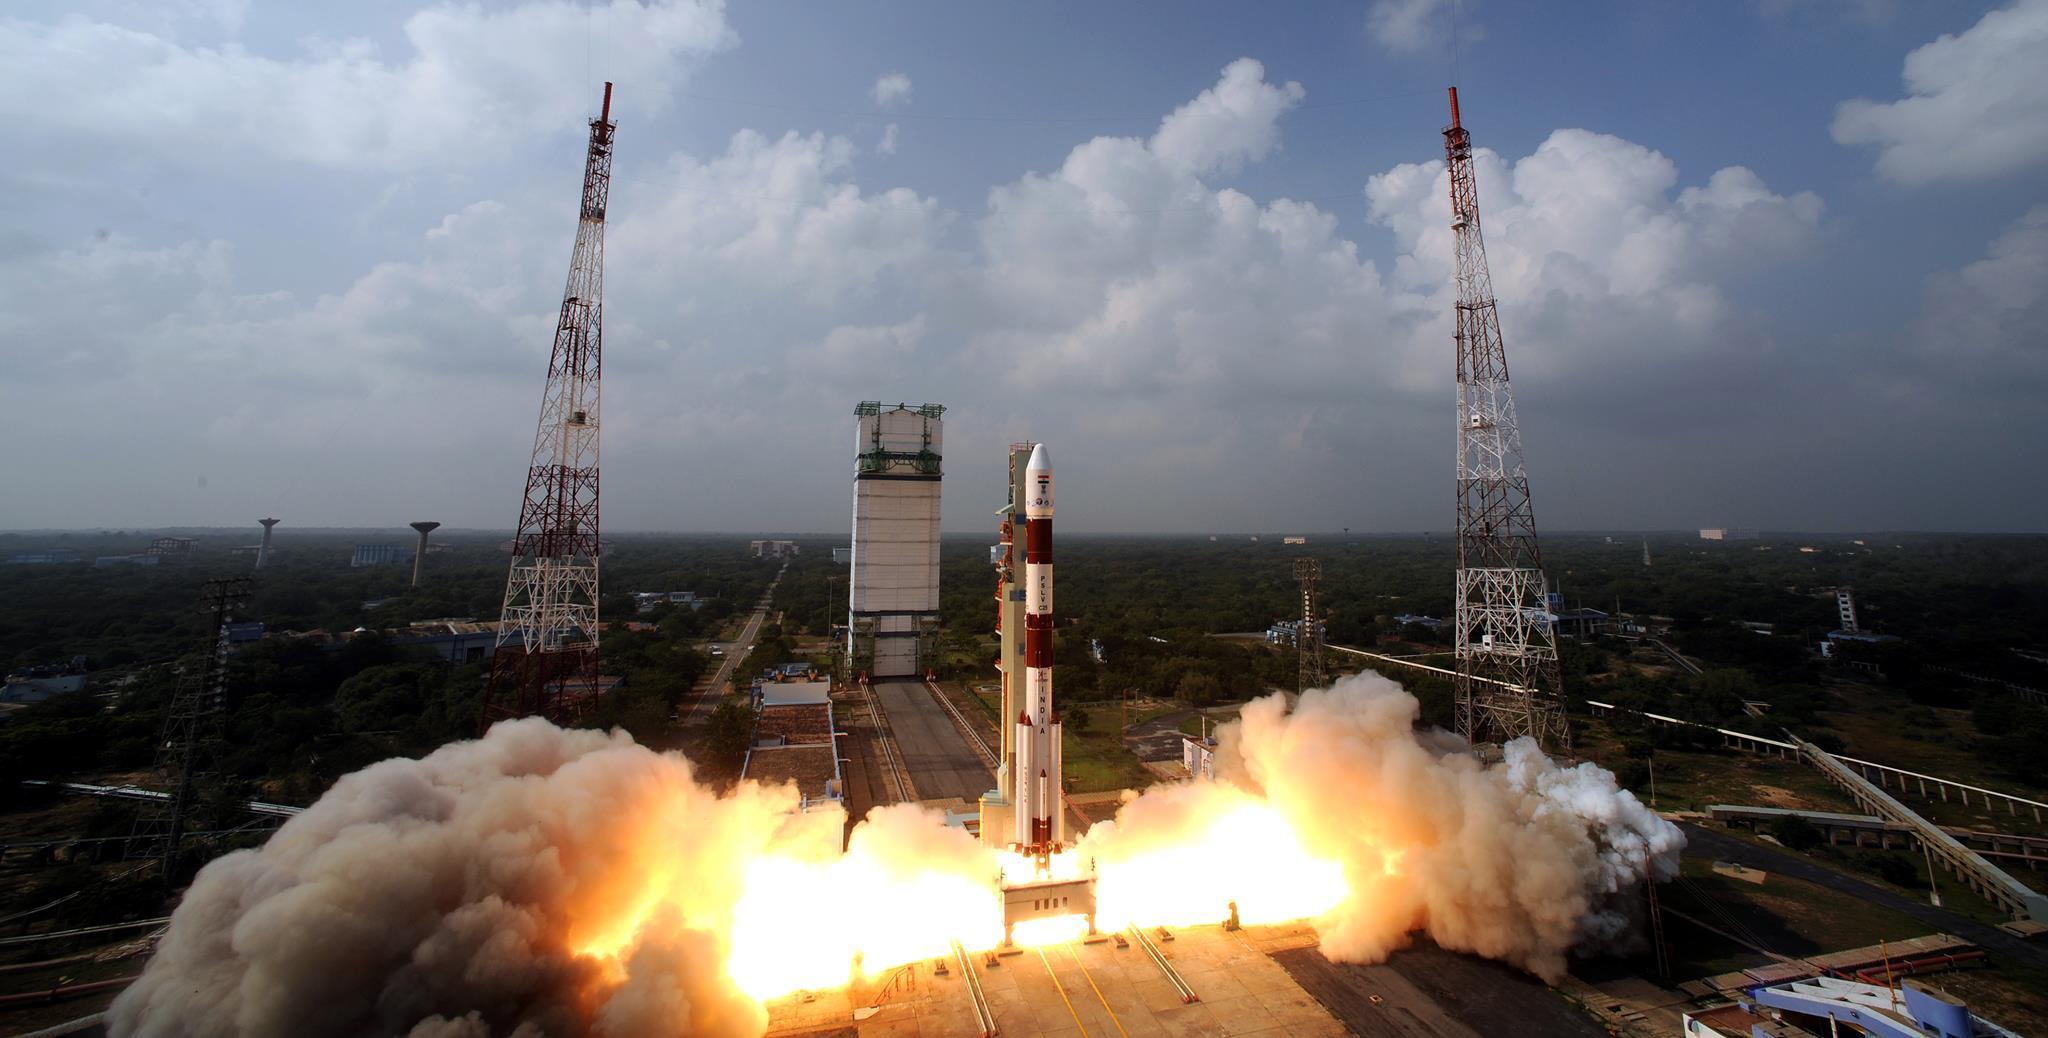 7 Key Points About ISRO's 'Scramjet' Test Launch